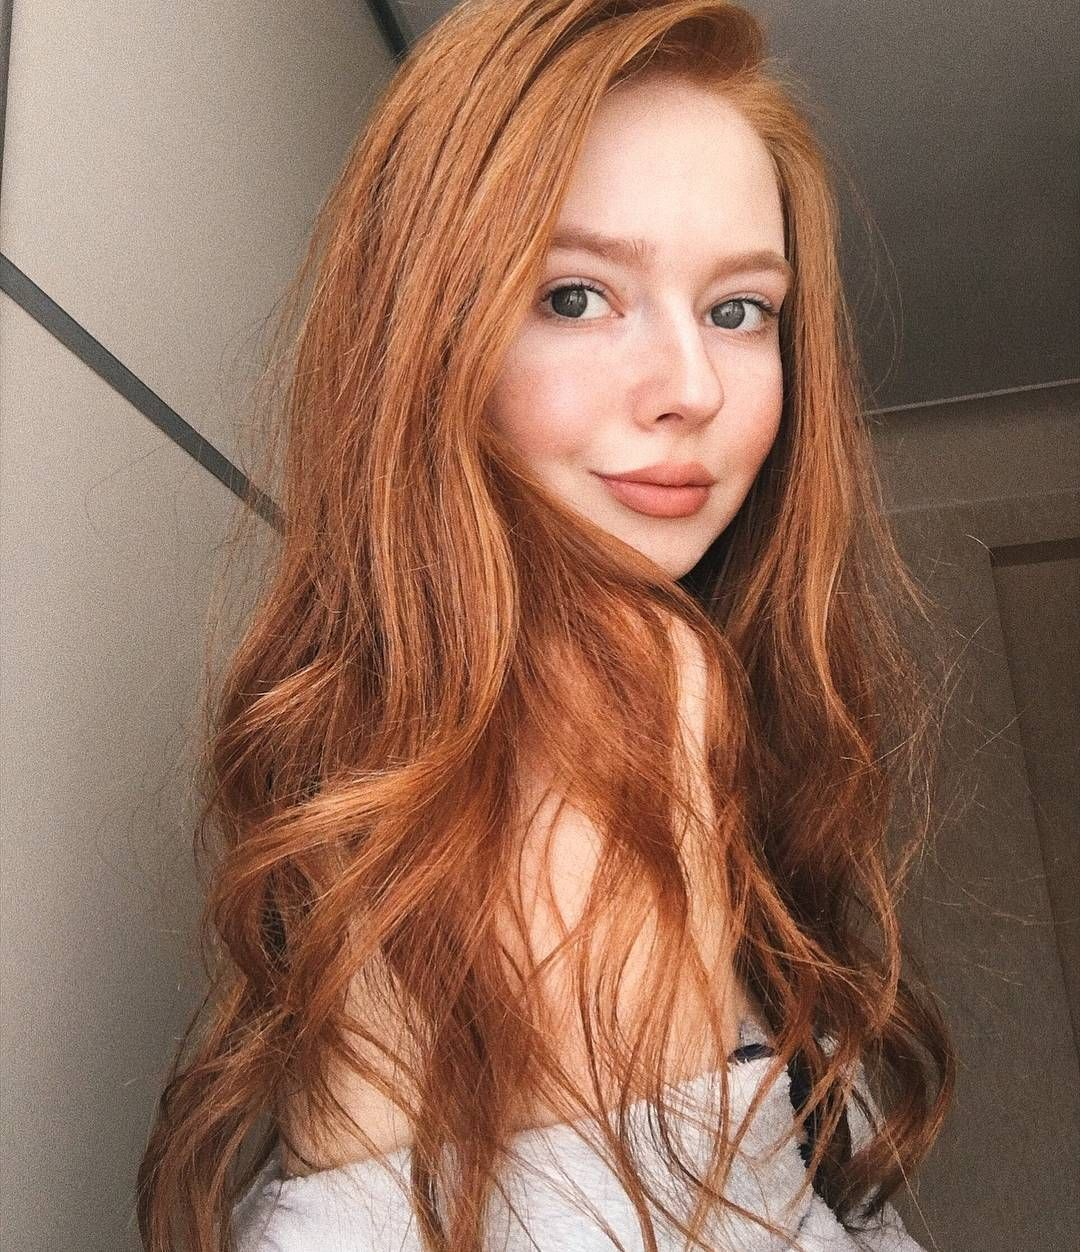 Breathtaking beauty belikangelina catmittens redheadsbeautiful